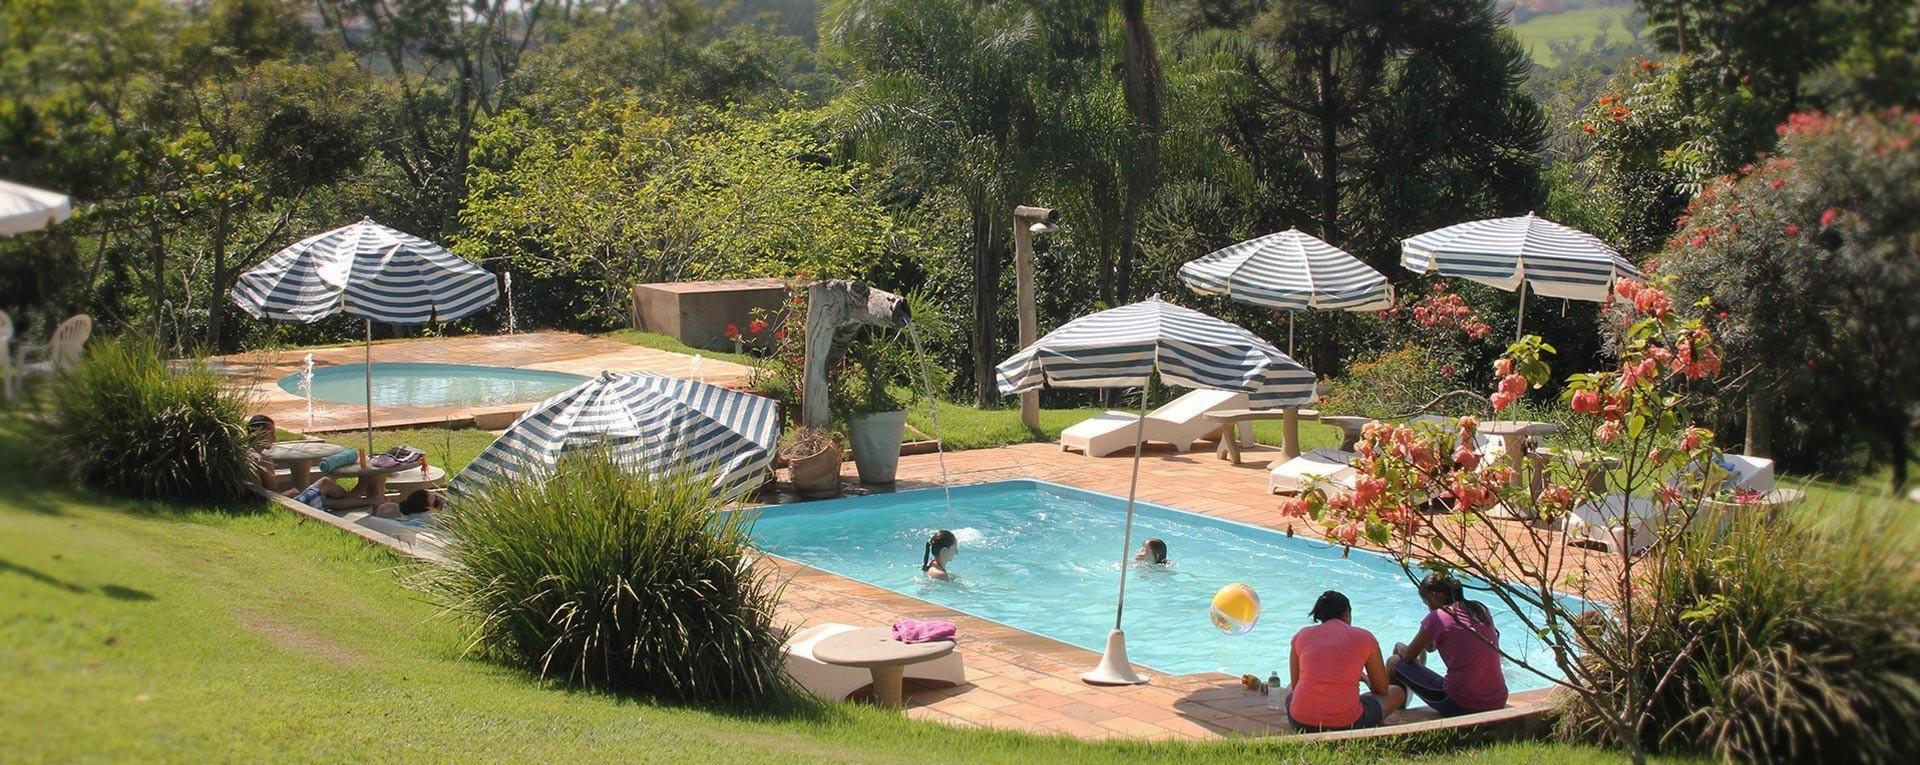 piscina-hotel-fazenda-em-brotas-jacauna